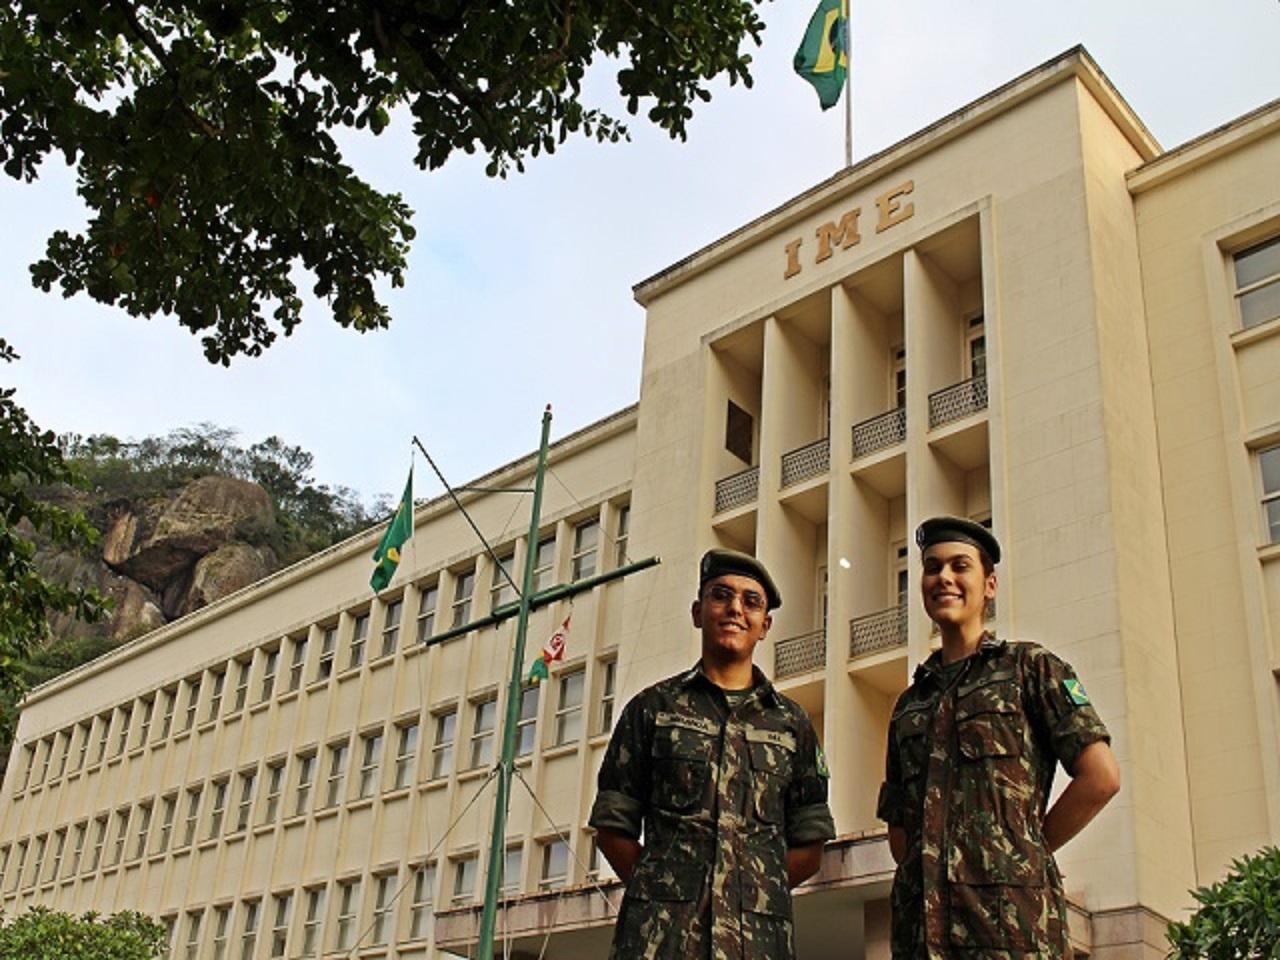 Instituto Militar de Engenharia recebe nota máxima no Exame Nacional de Desempenho de Estudantes, o ENADE